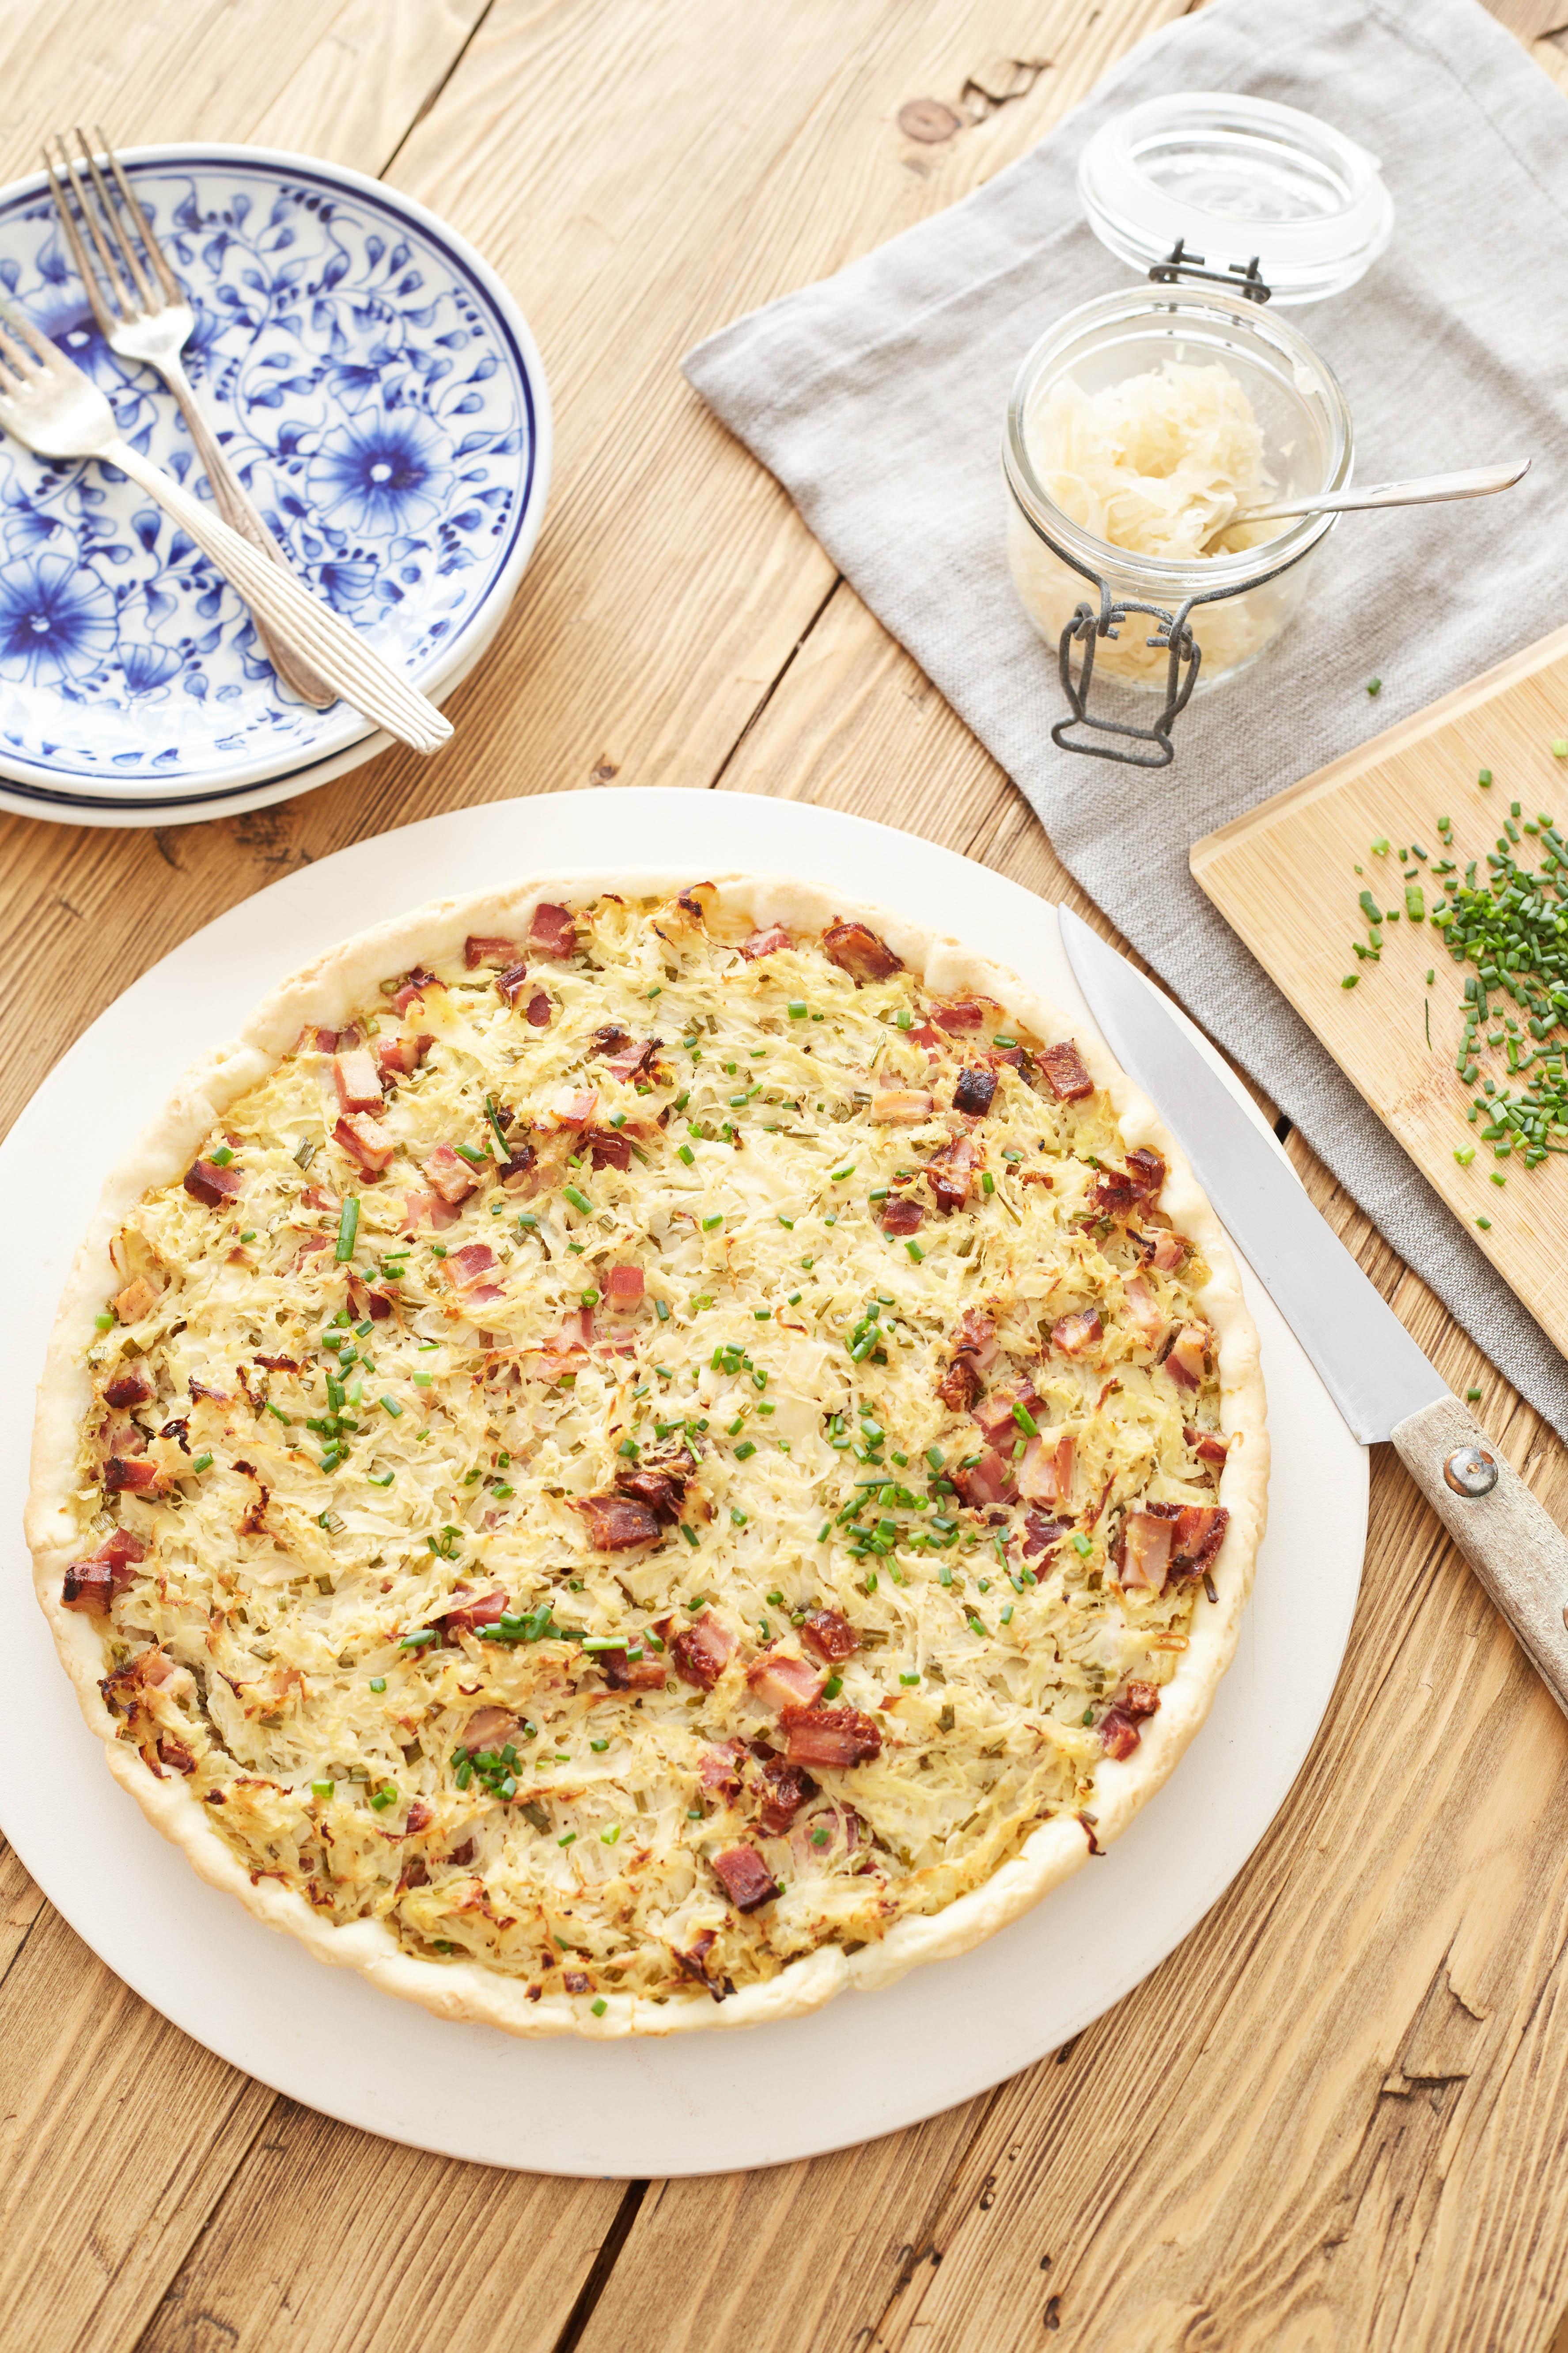 Recept: Quiche met zuurkool - Tante Fanny